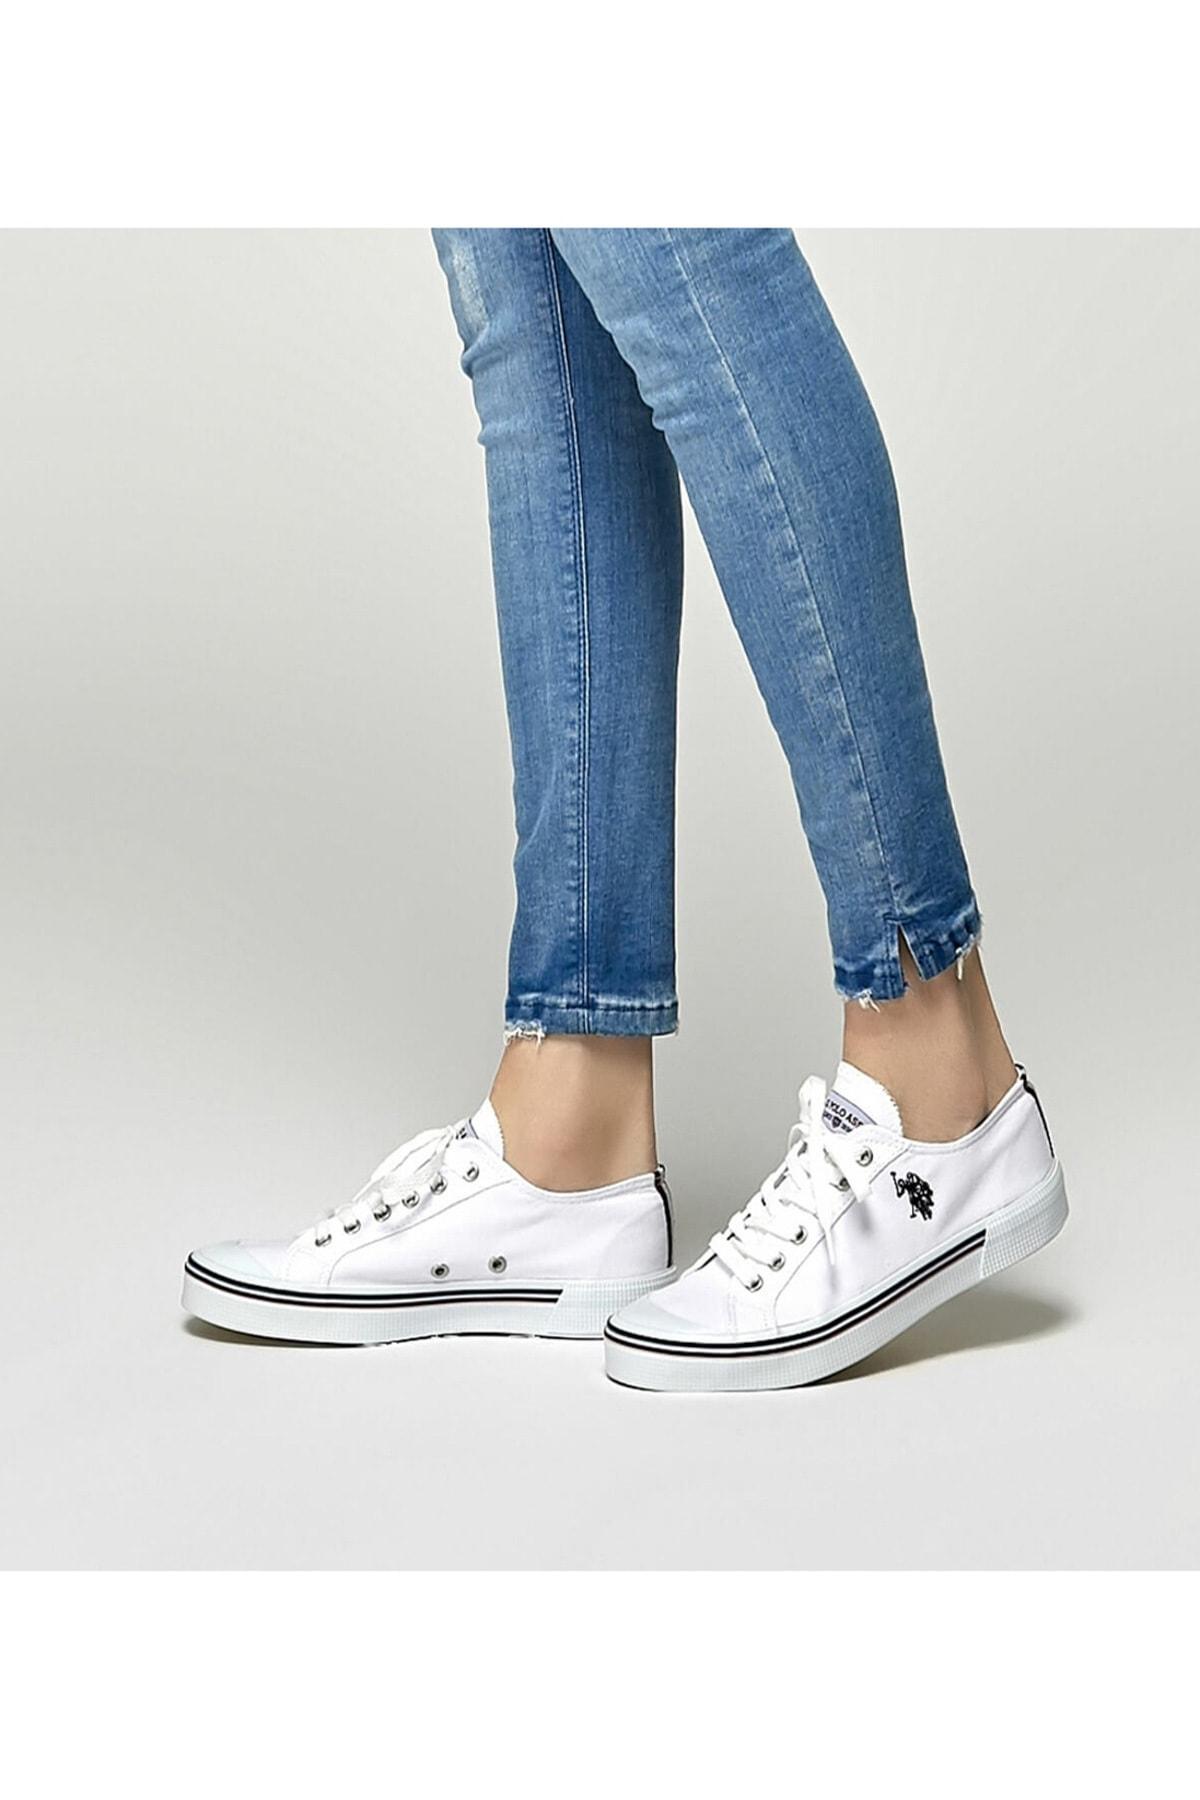 U.S. Polo Assn. U.s. Polo Assn. Kadın Spor Ayakkabı 8m Penelope Beyaz/White 20S04PENELOPE 1